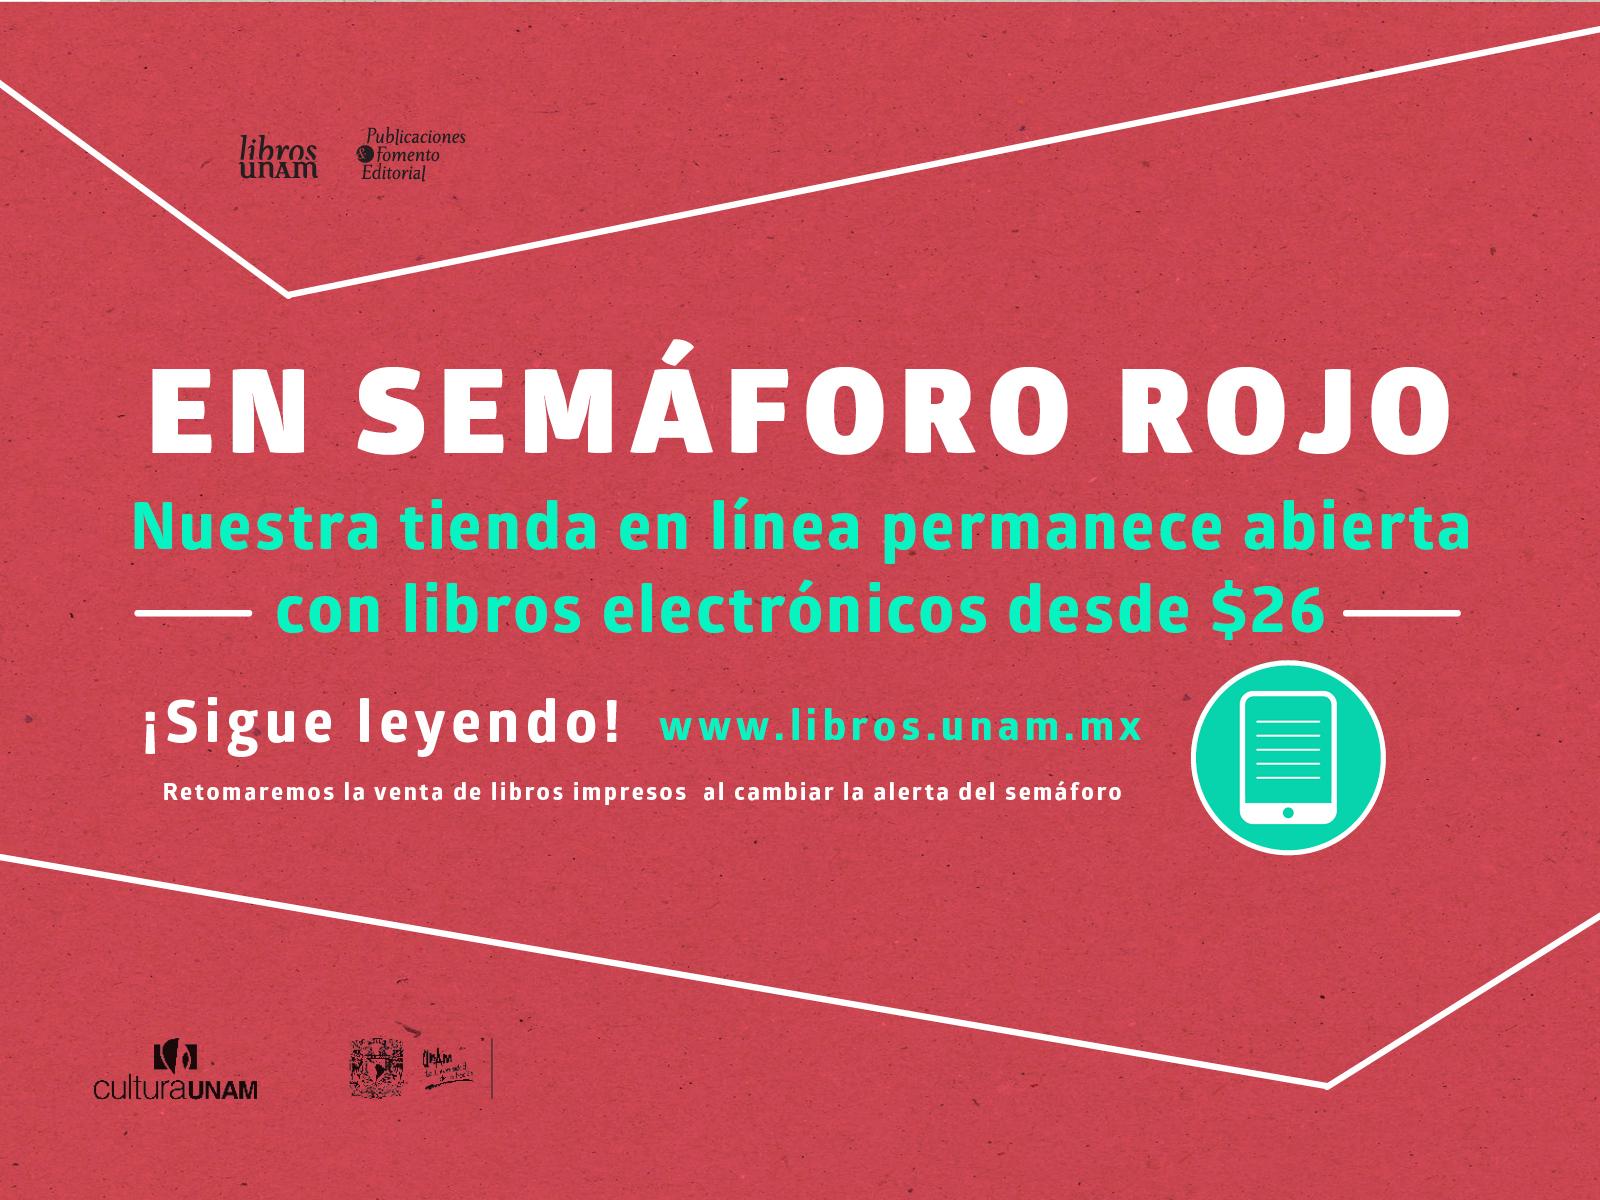 Libros UNAM durante semáforo rojo, tienda en línea